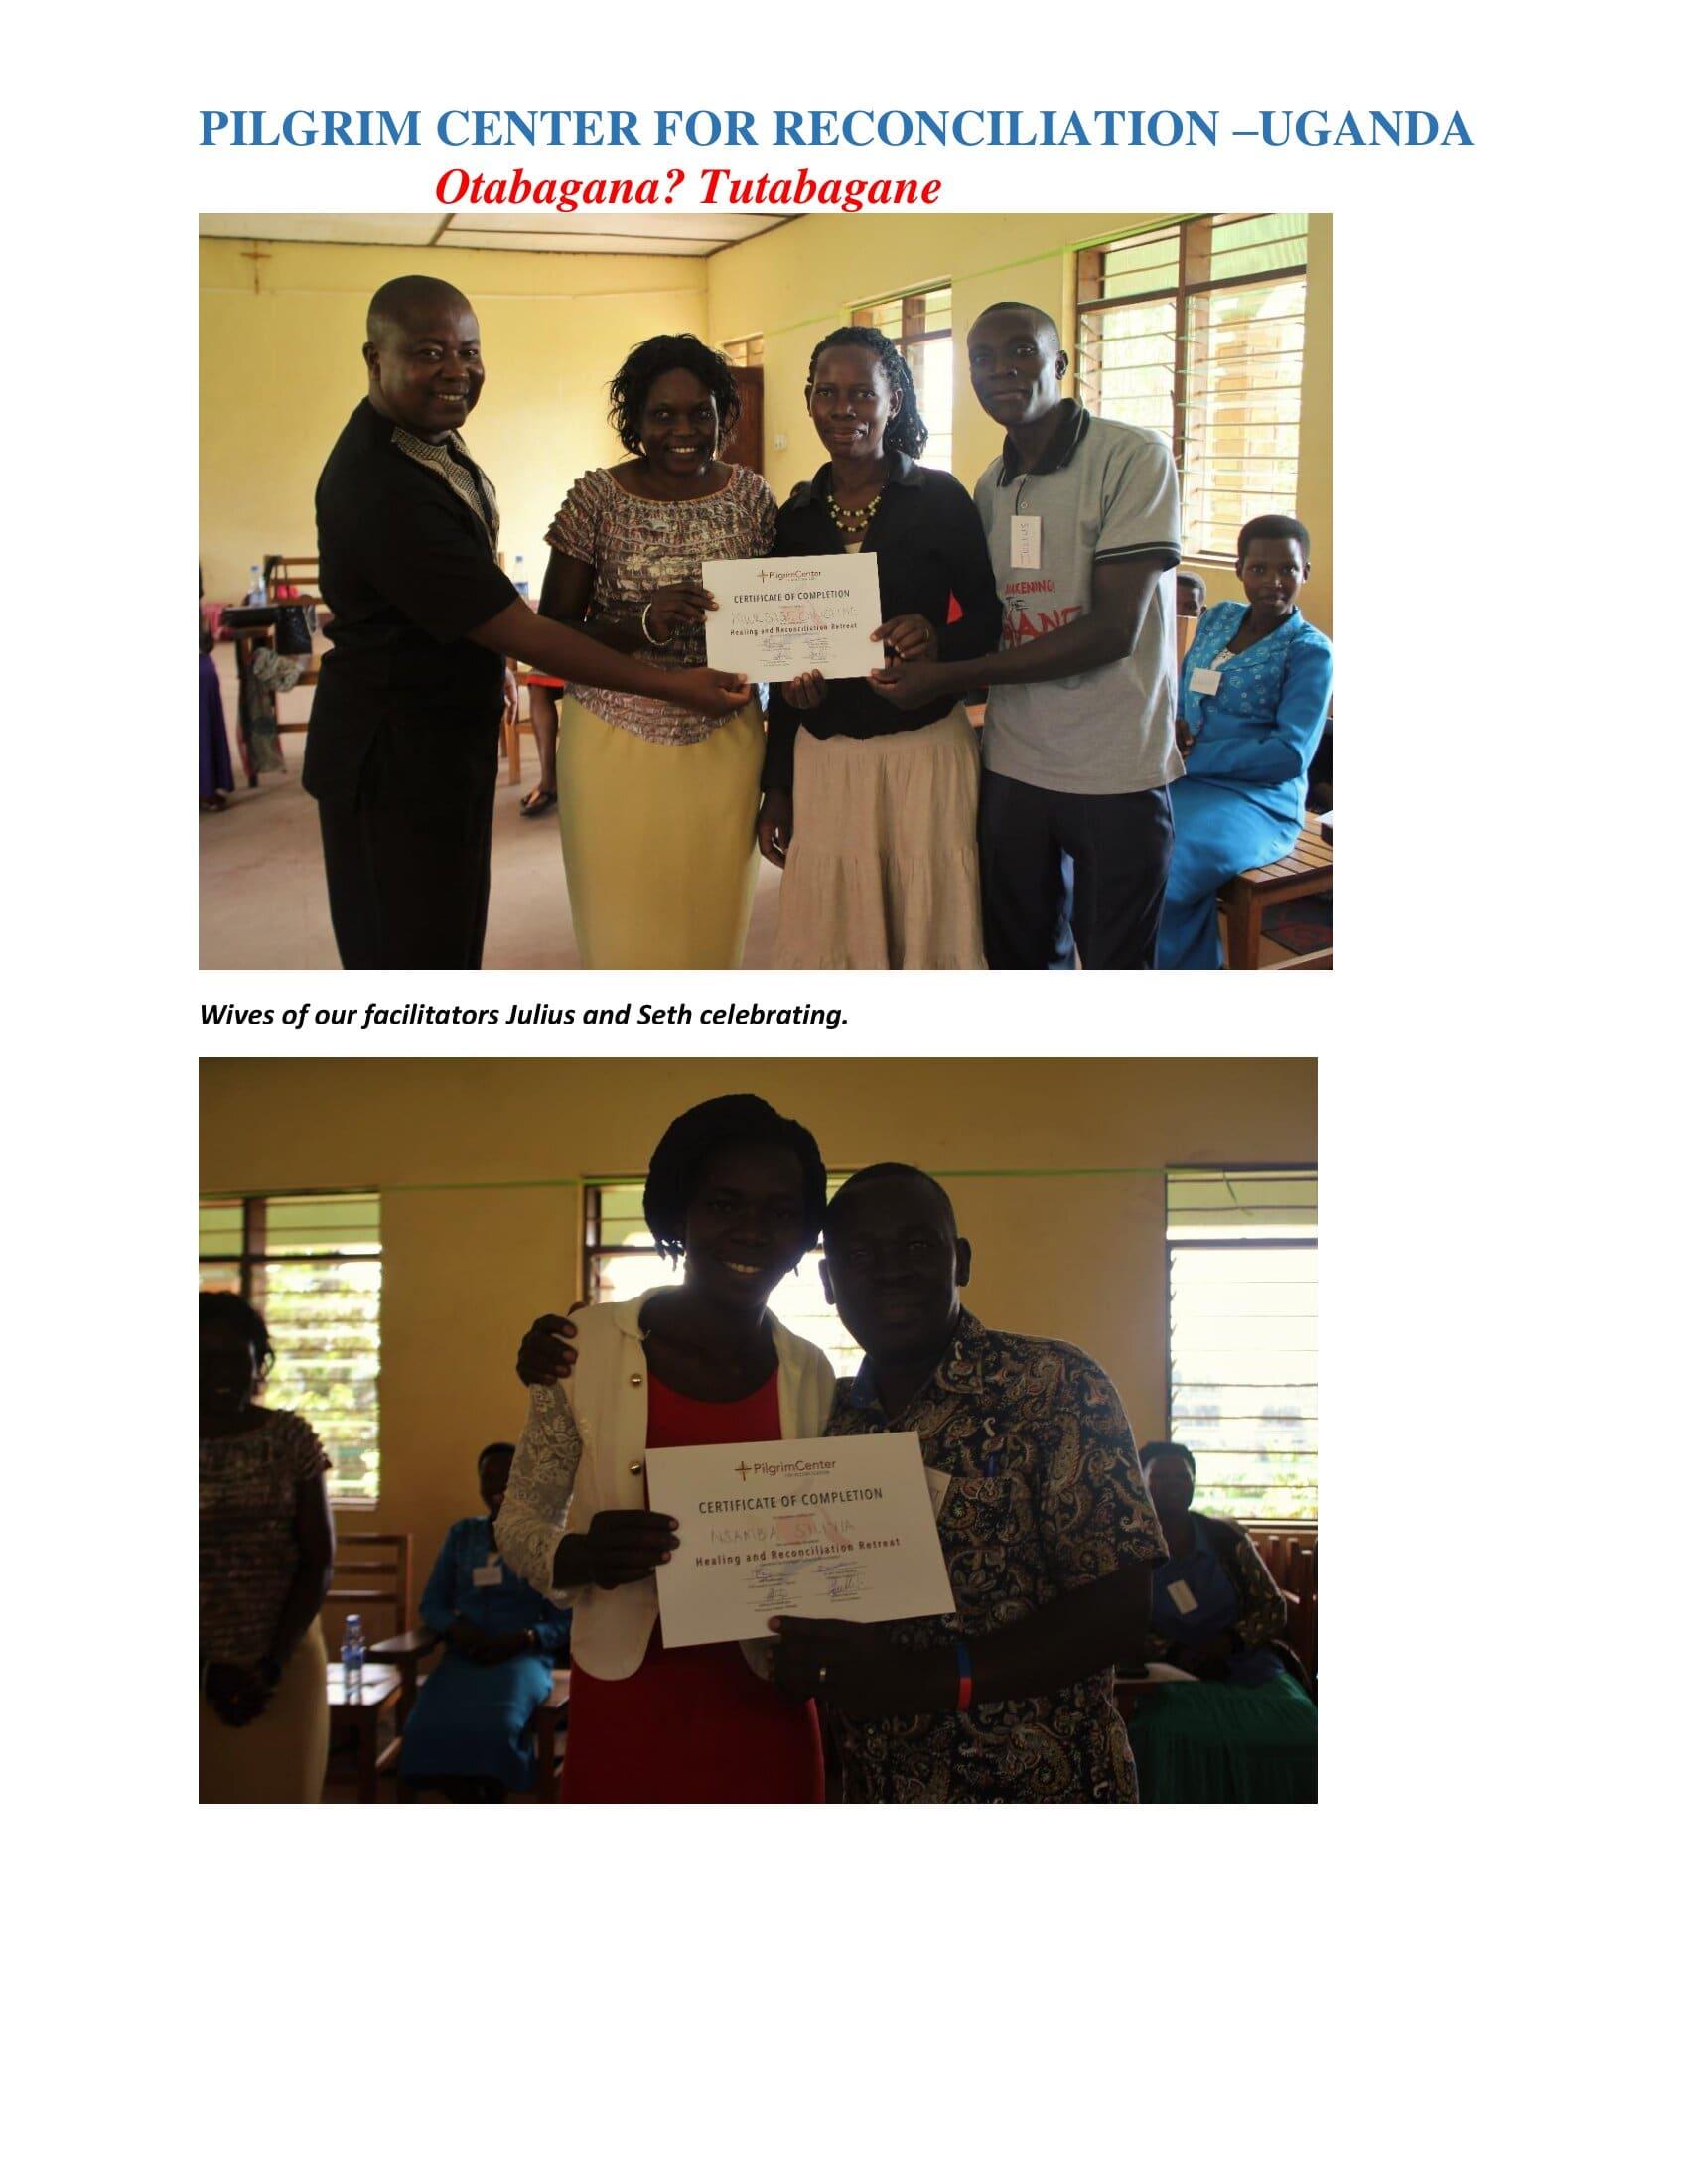 Pirigrim center for reconcilation -Uganda _0029-min